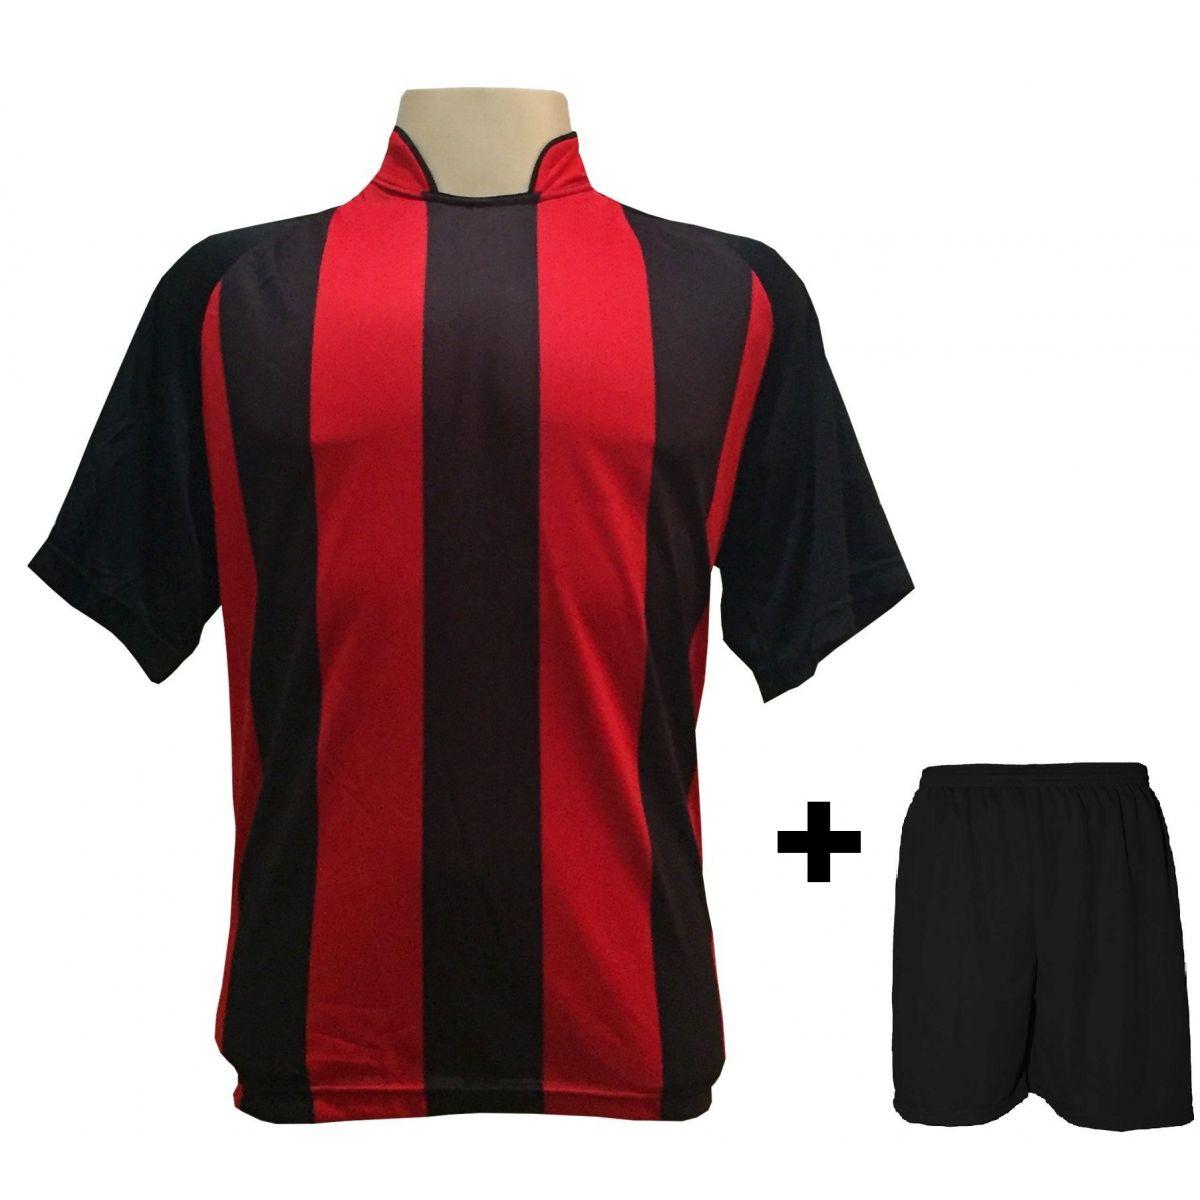 Uniforme Esportivo com 20 Camisas modelo Milan Preto Vermelho + 20 Calções  modelo Madrid Preto ... b5c63e6c1e436